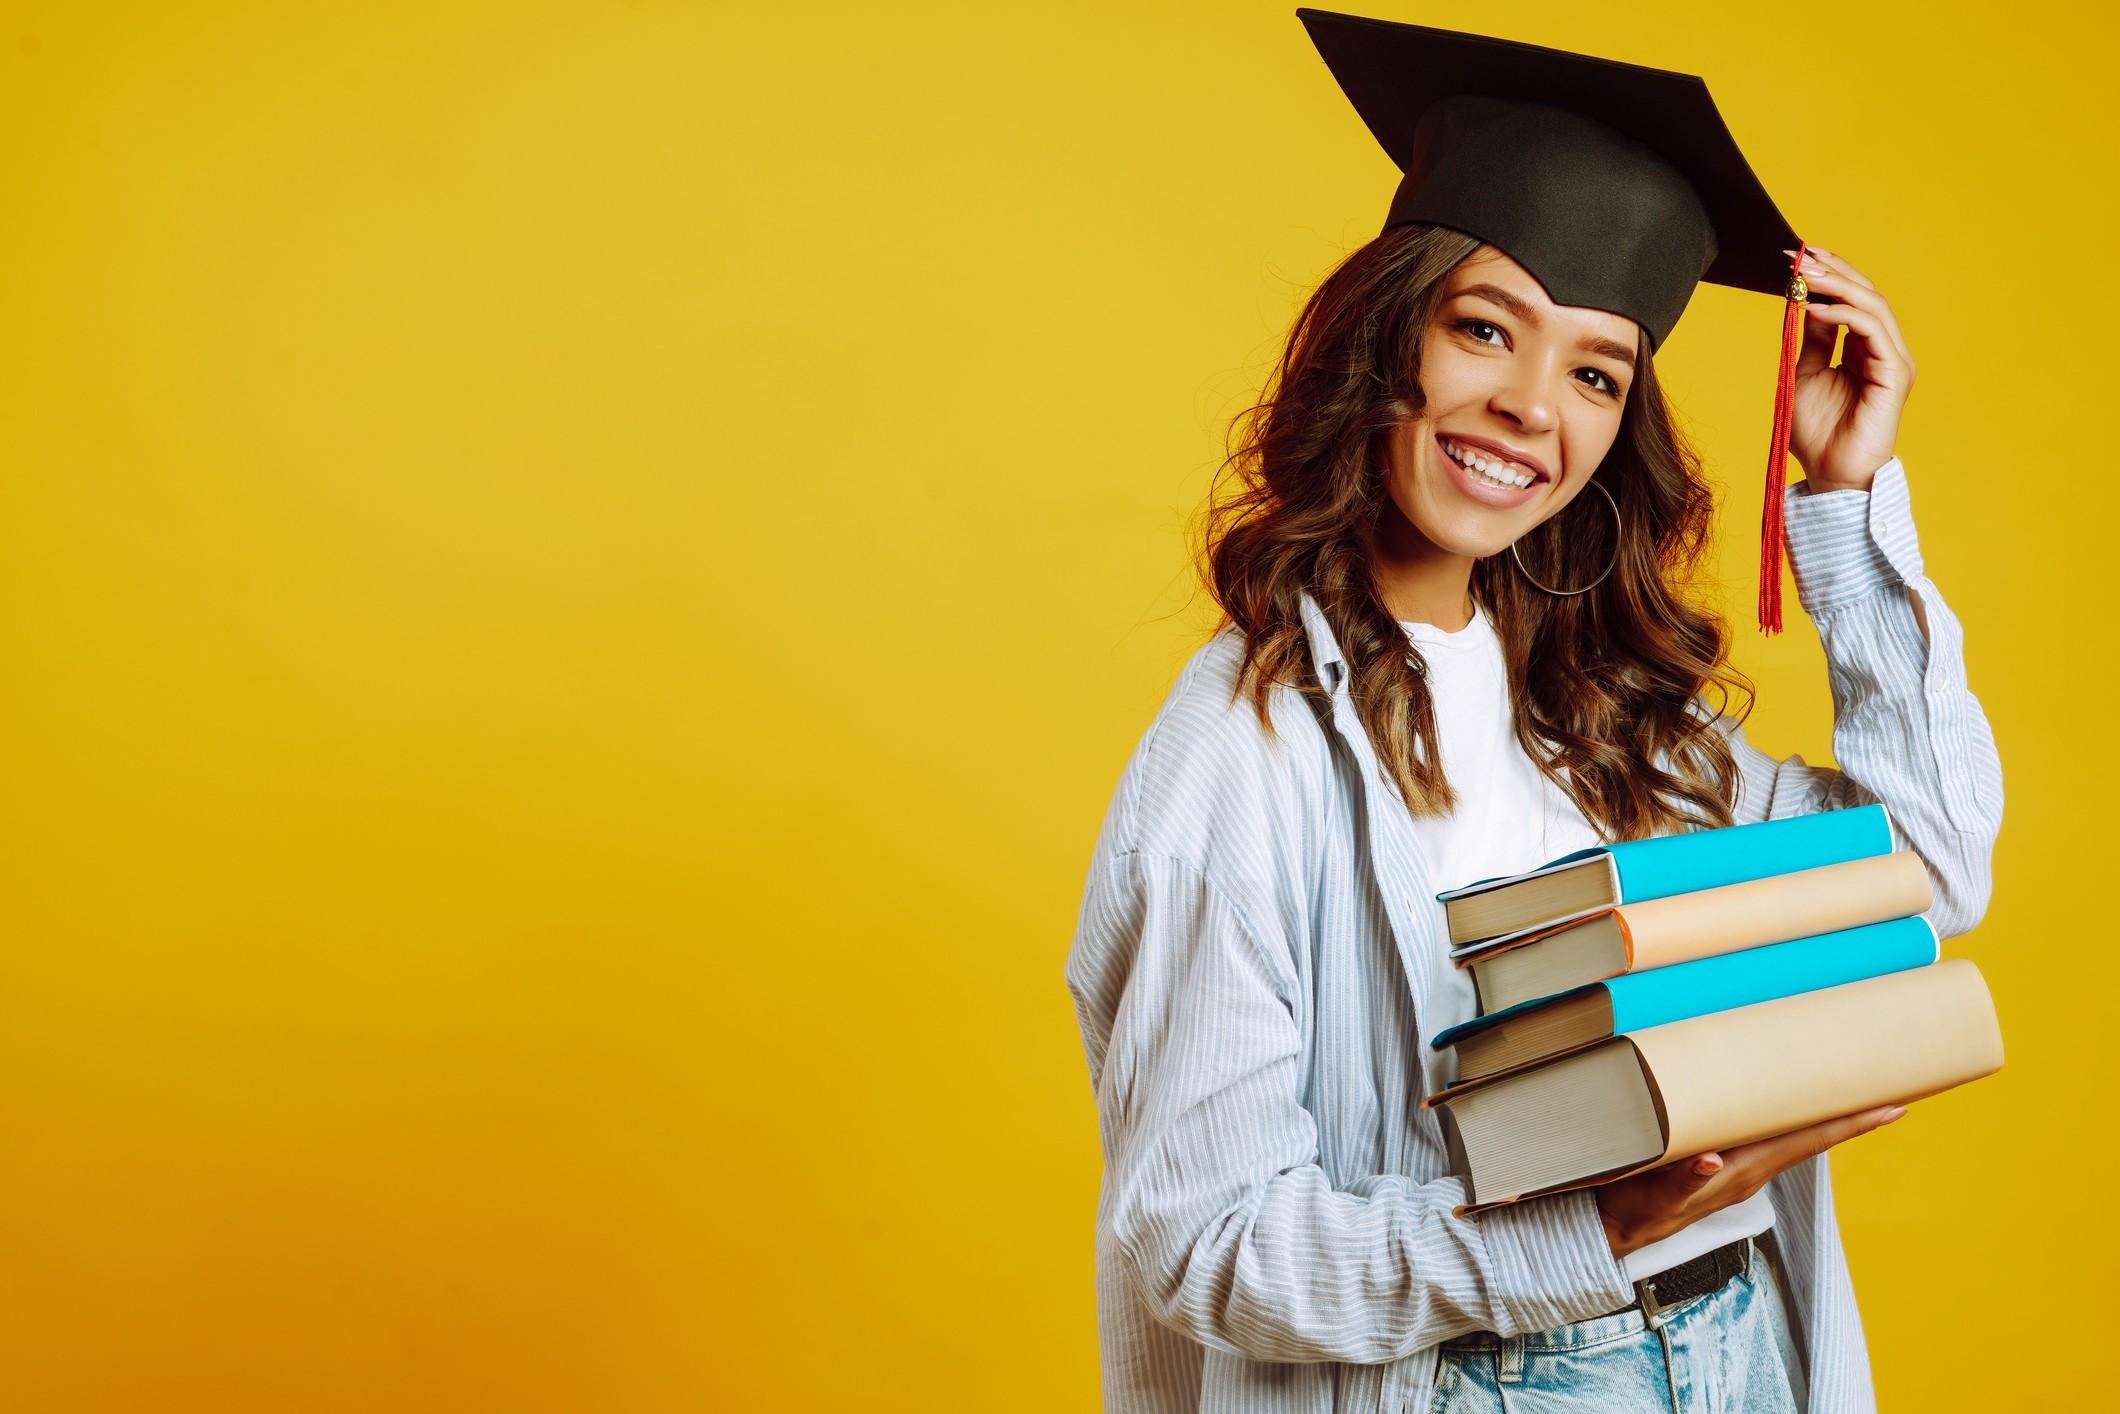 Descubra as oportunidades de mestrado e doutorado nos Estados Unidos